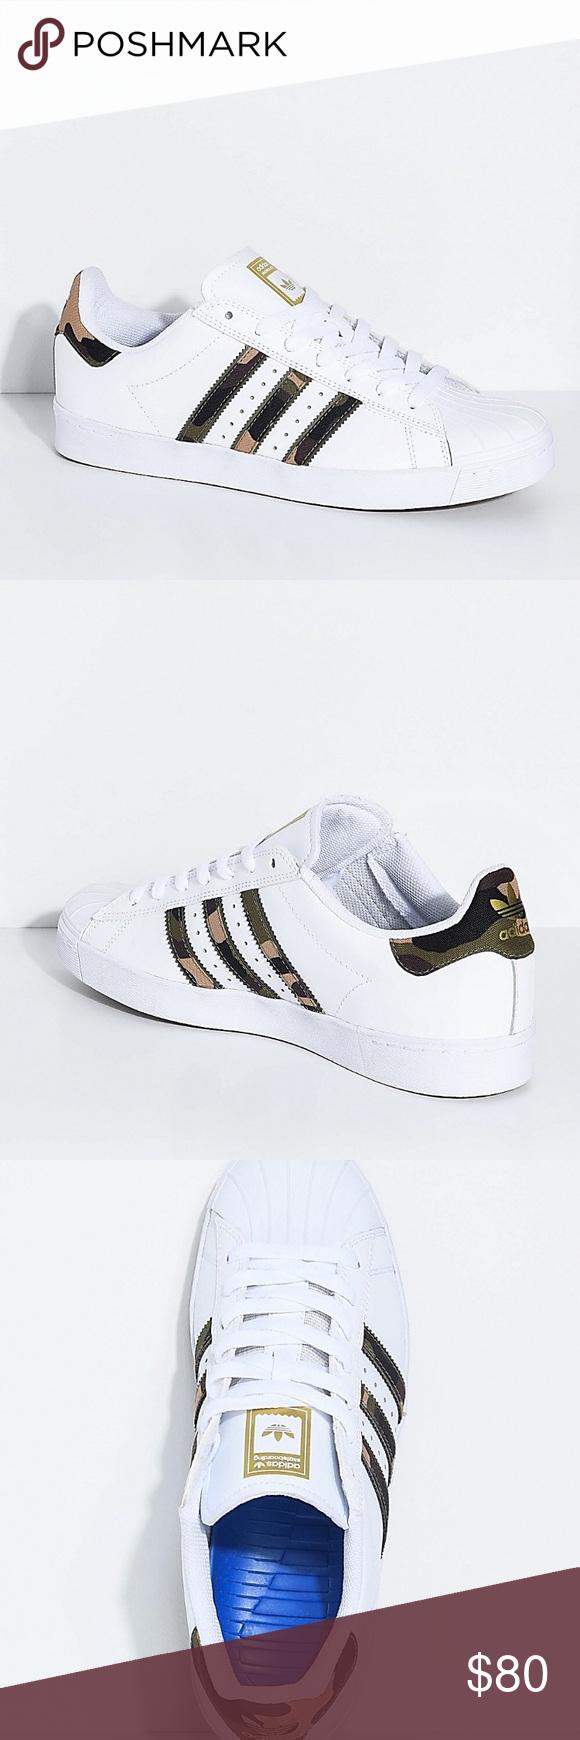 adidas originali superstar, te white & mimetico scarpe nuove di zecca nel riquadro